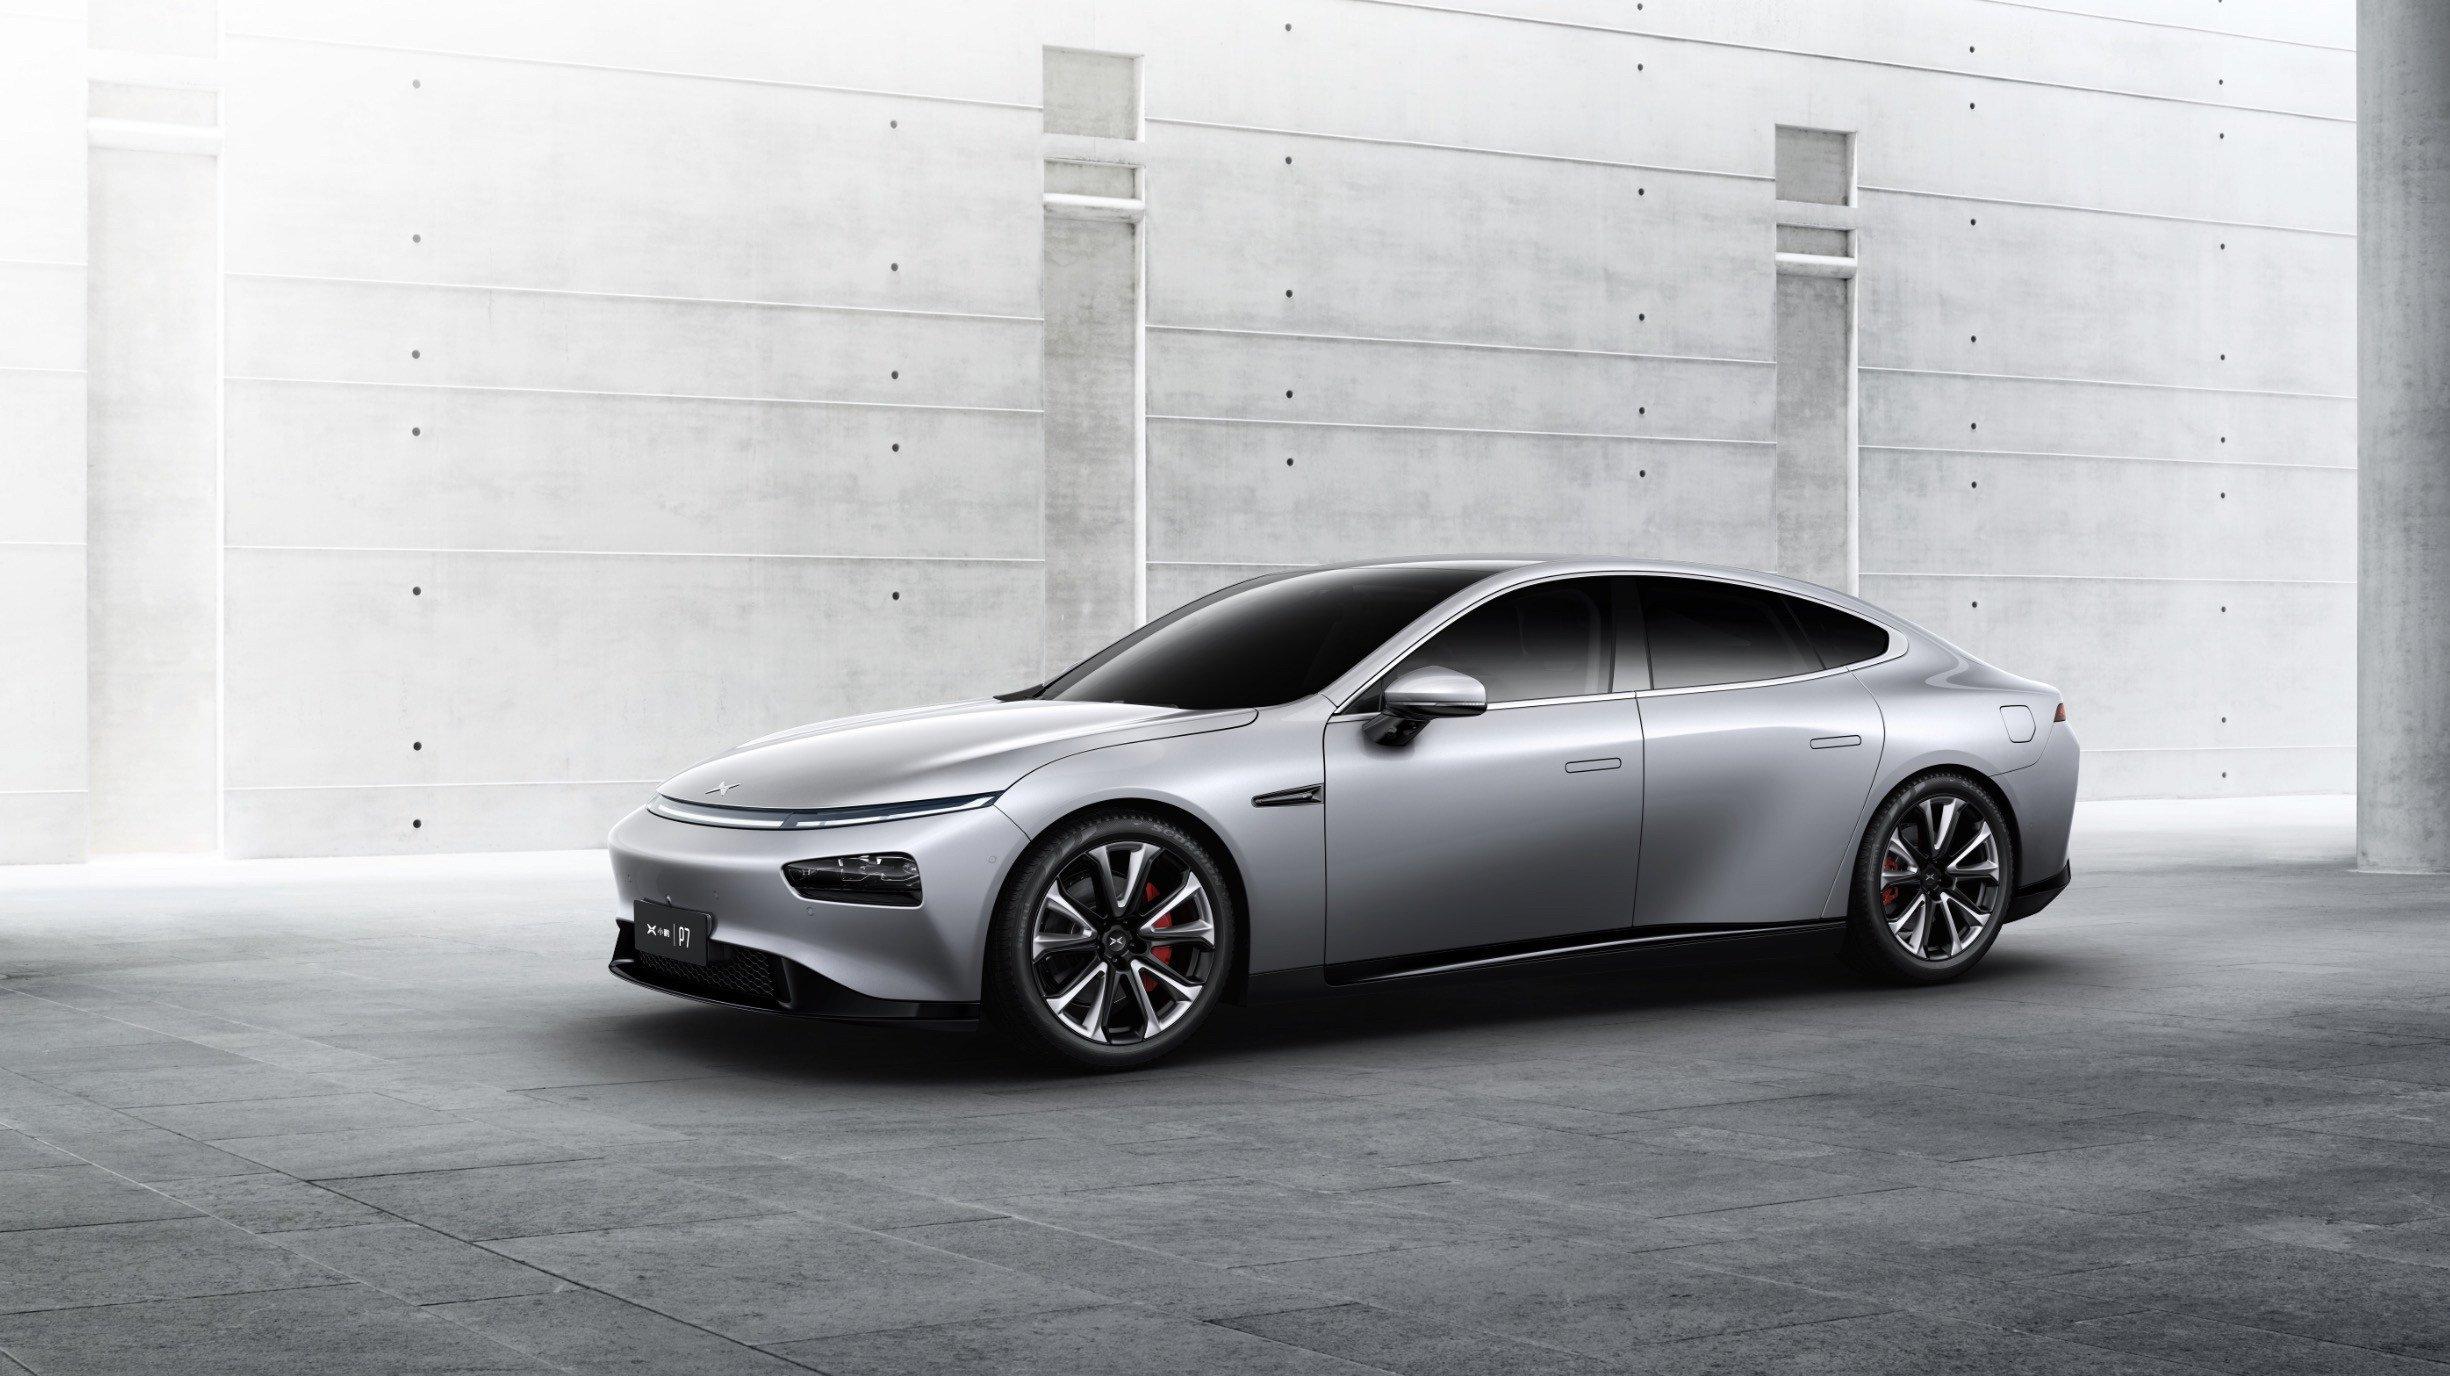 В Китае стартуют продажи электромобиля с самым большим пробегом на одном заряде